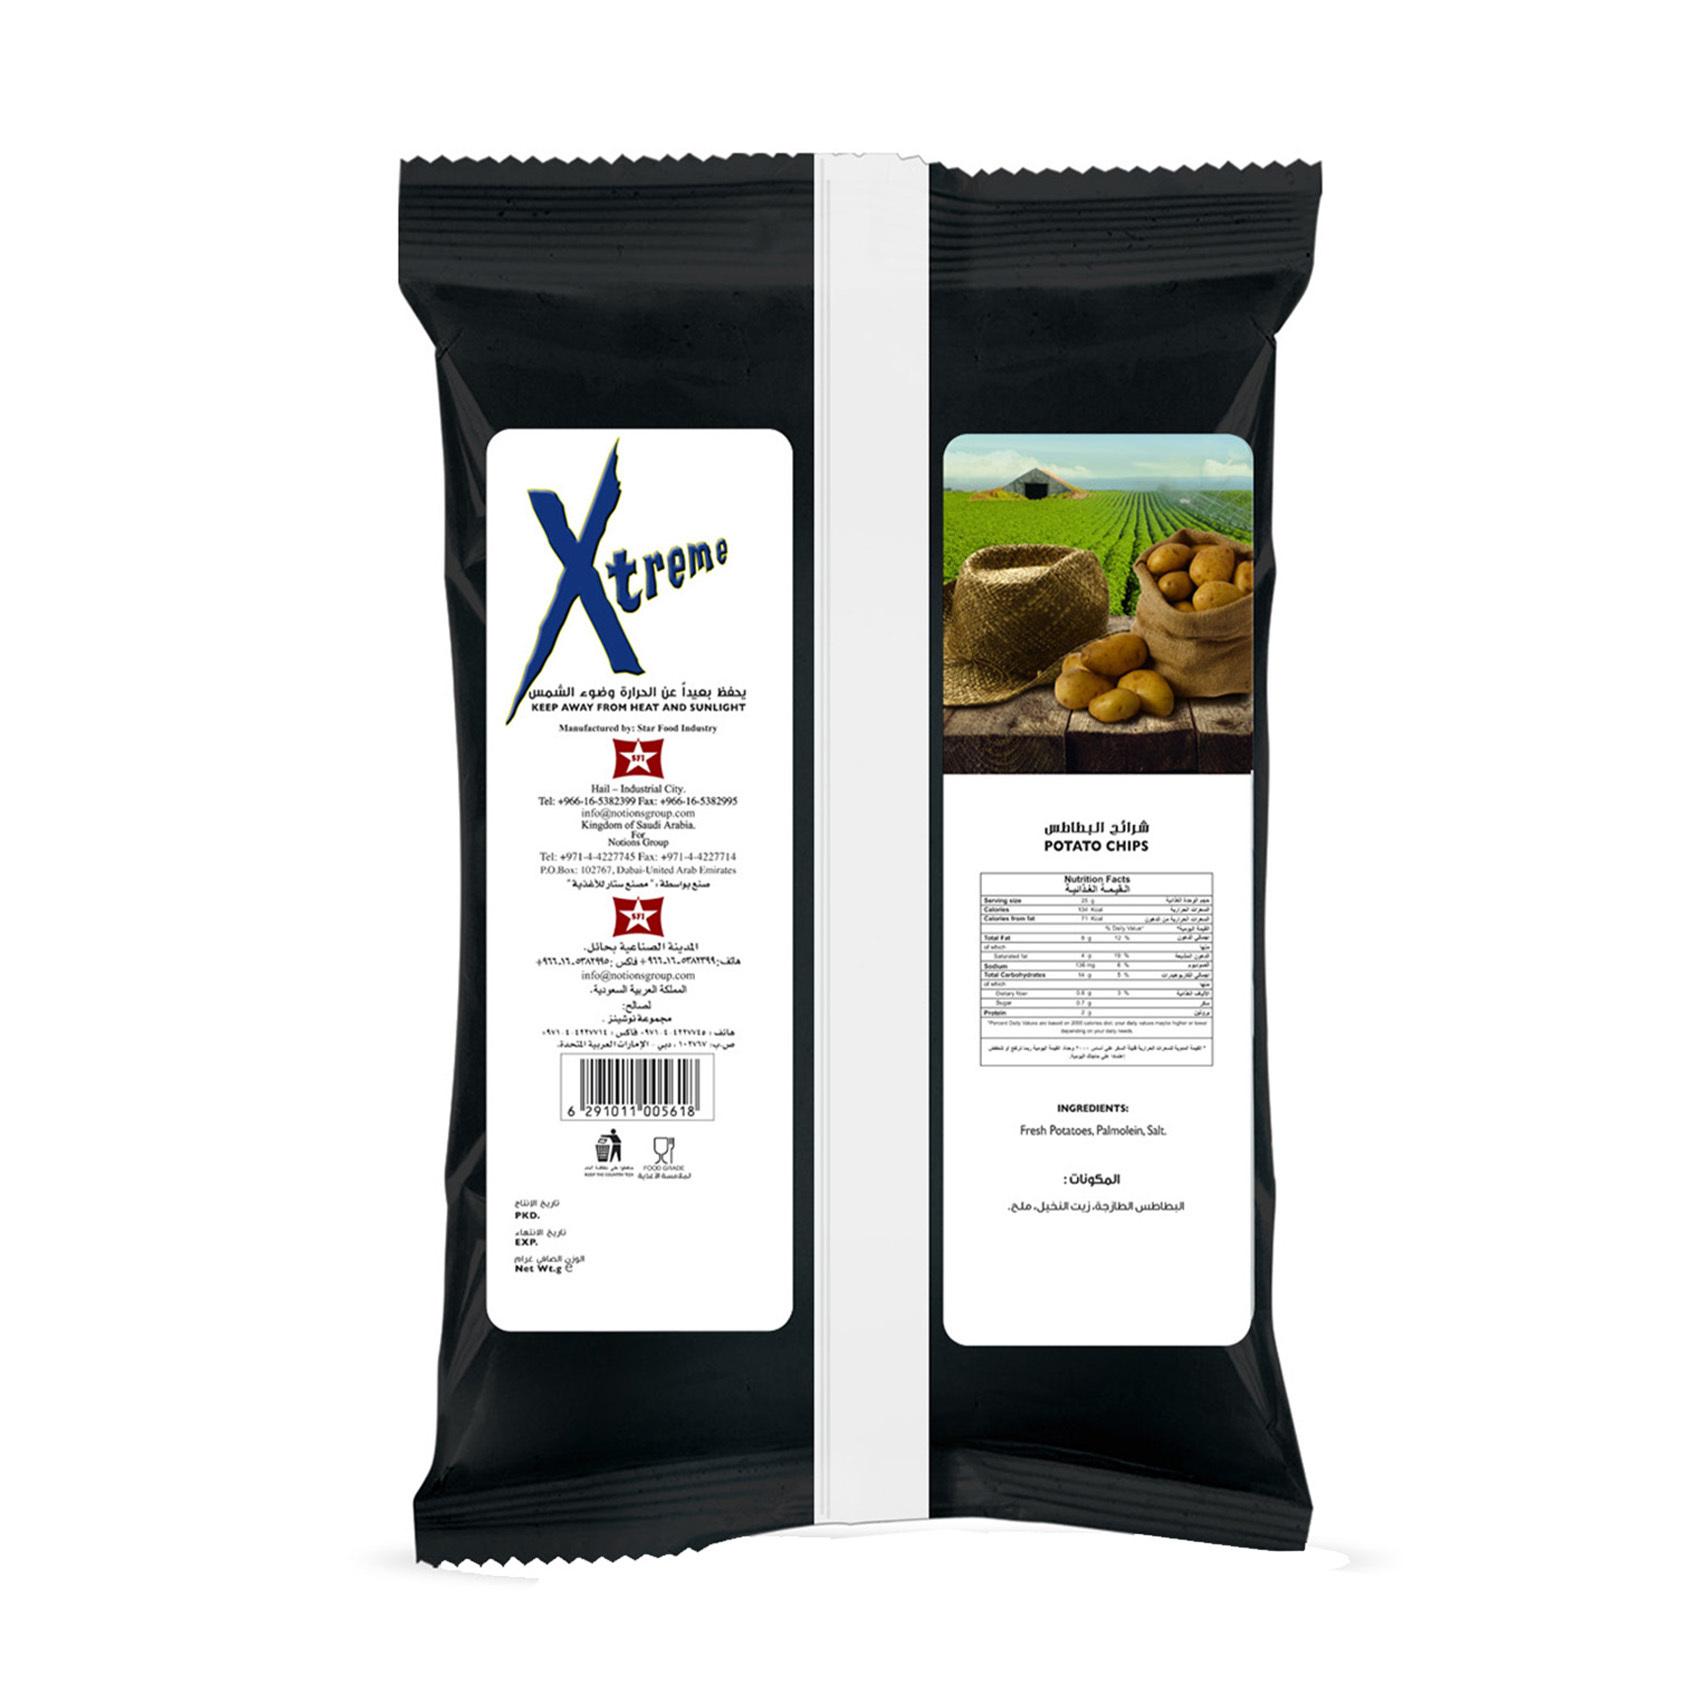 XL XTREME POTATO CHIPS SALT 55G